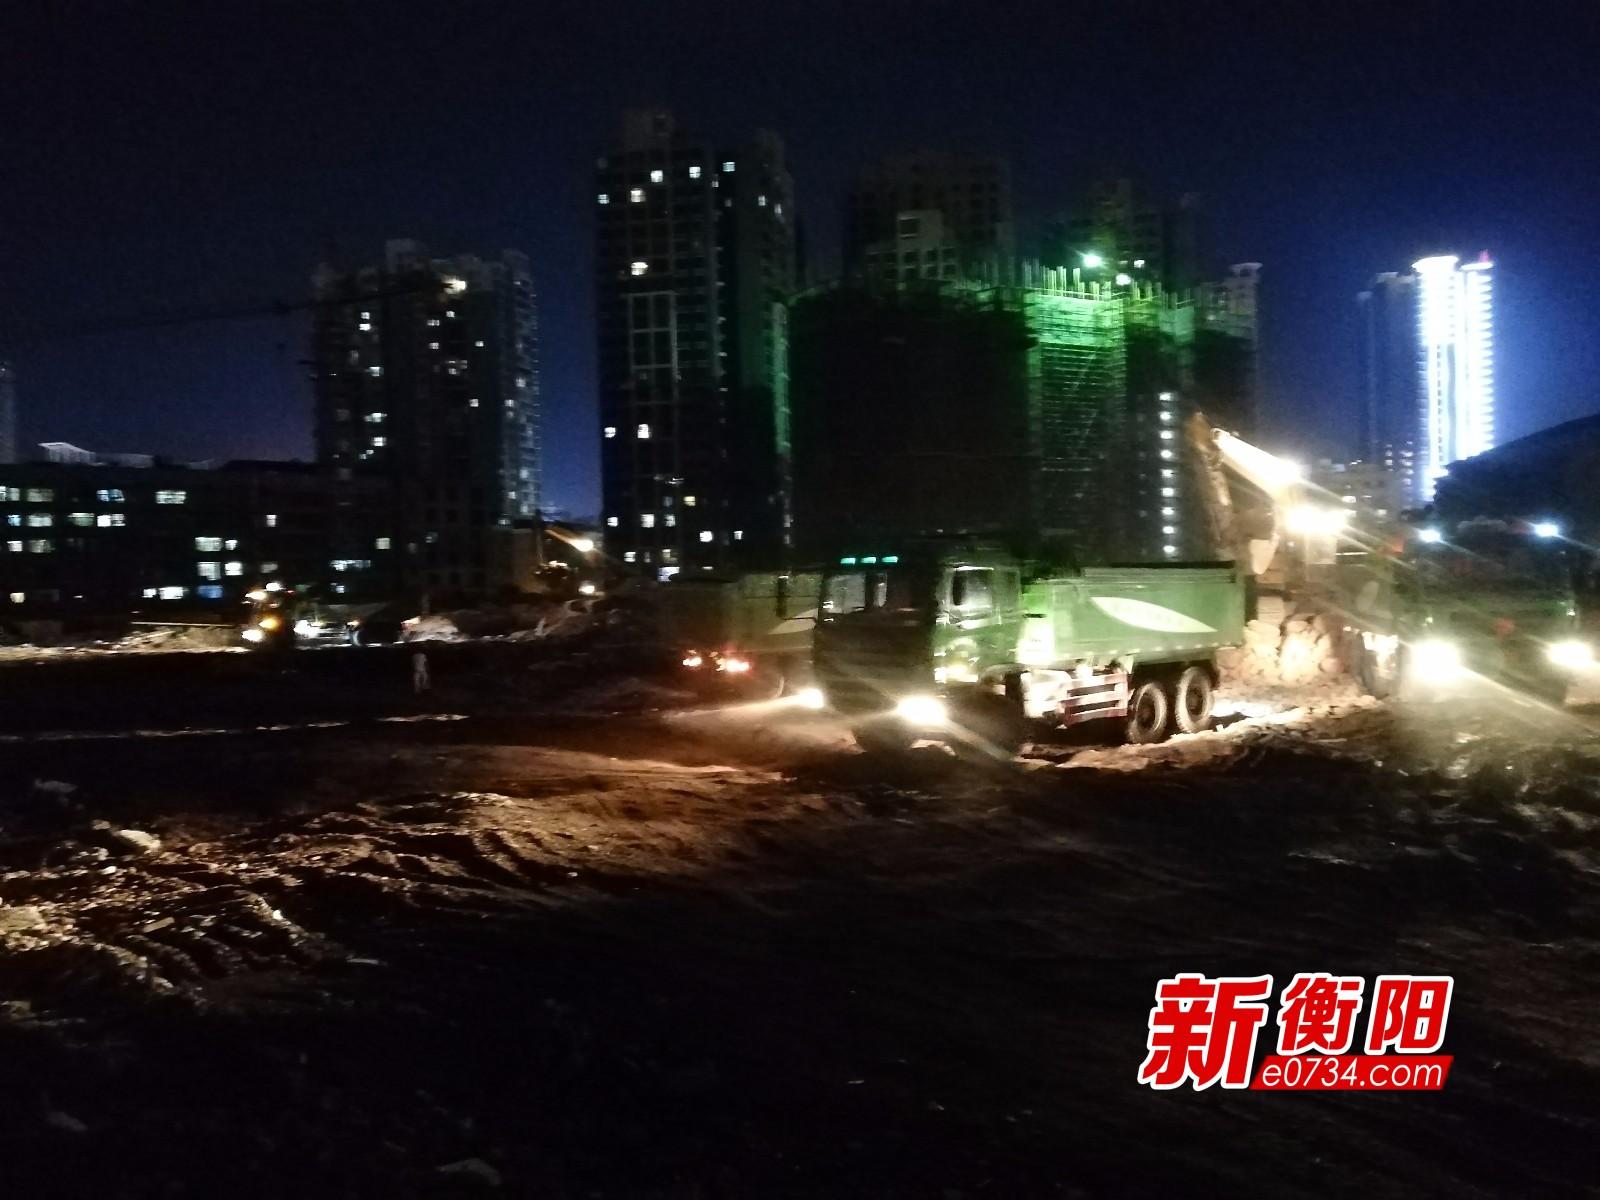 环保督查:衡阳城区两工地渣土运输不合规被当场叫停